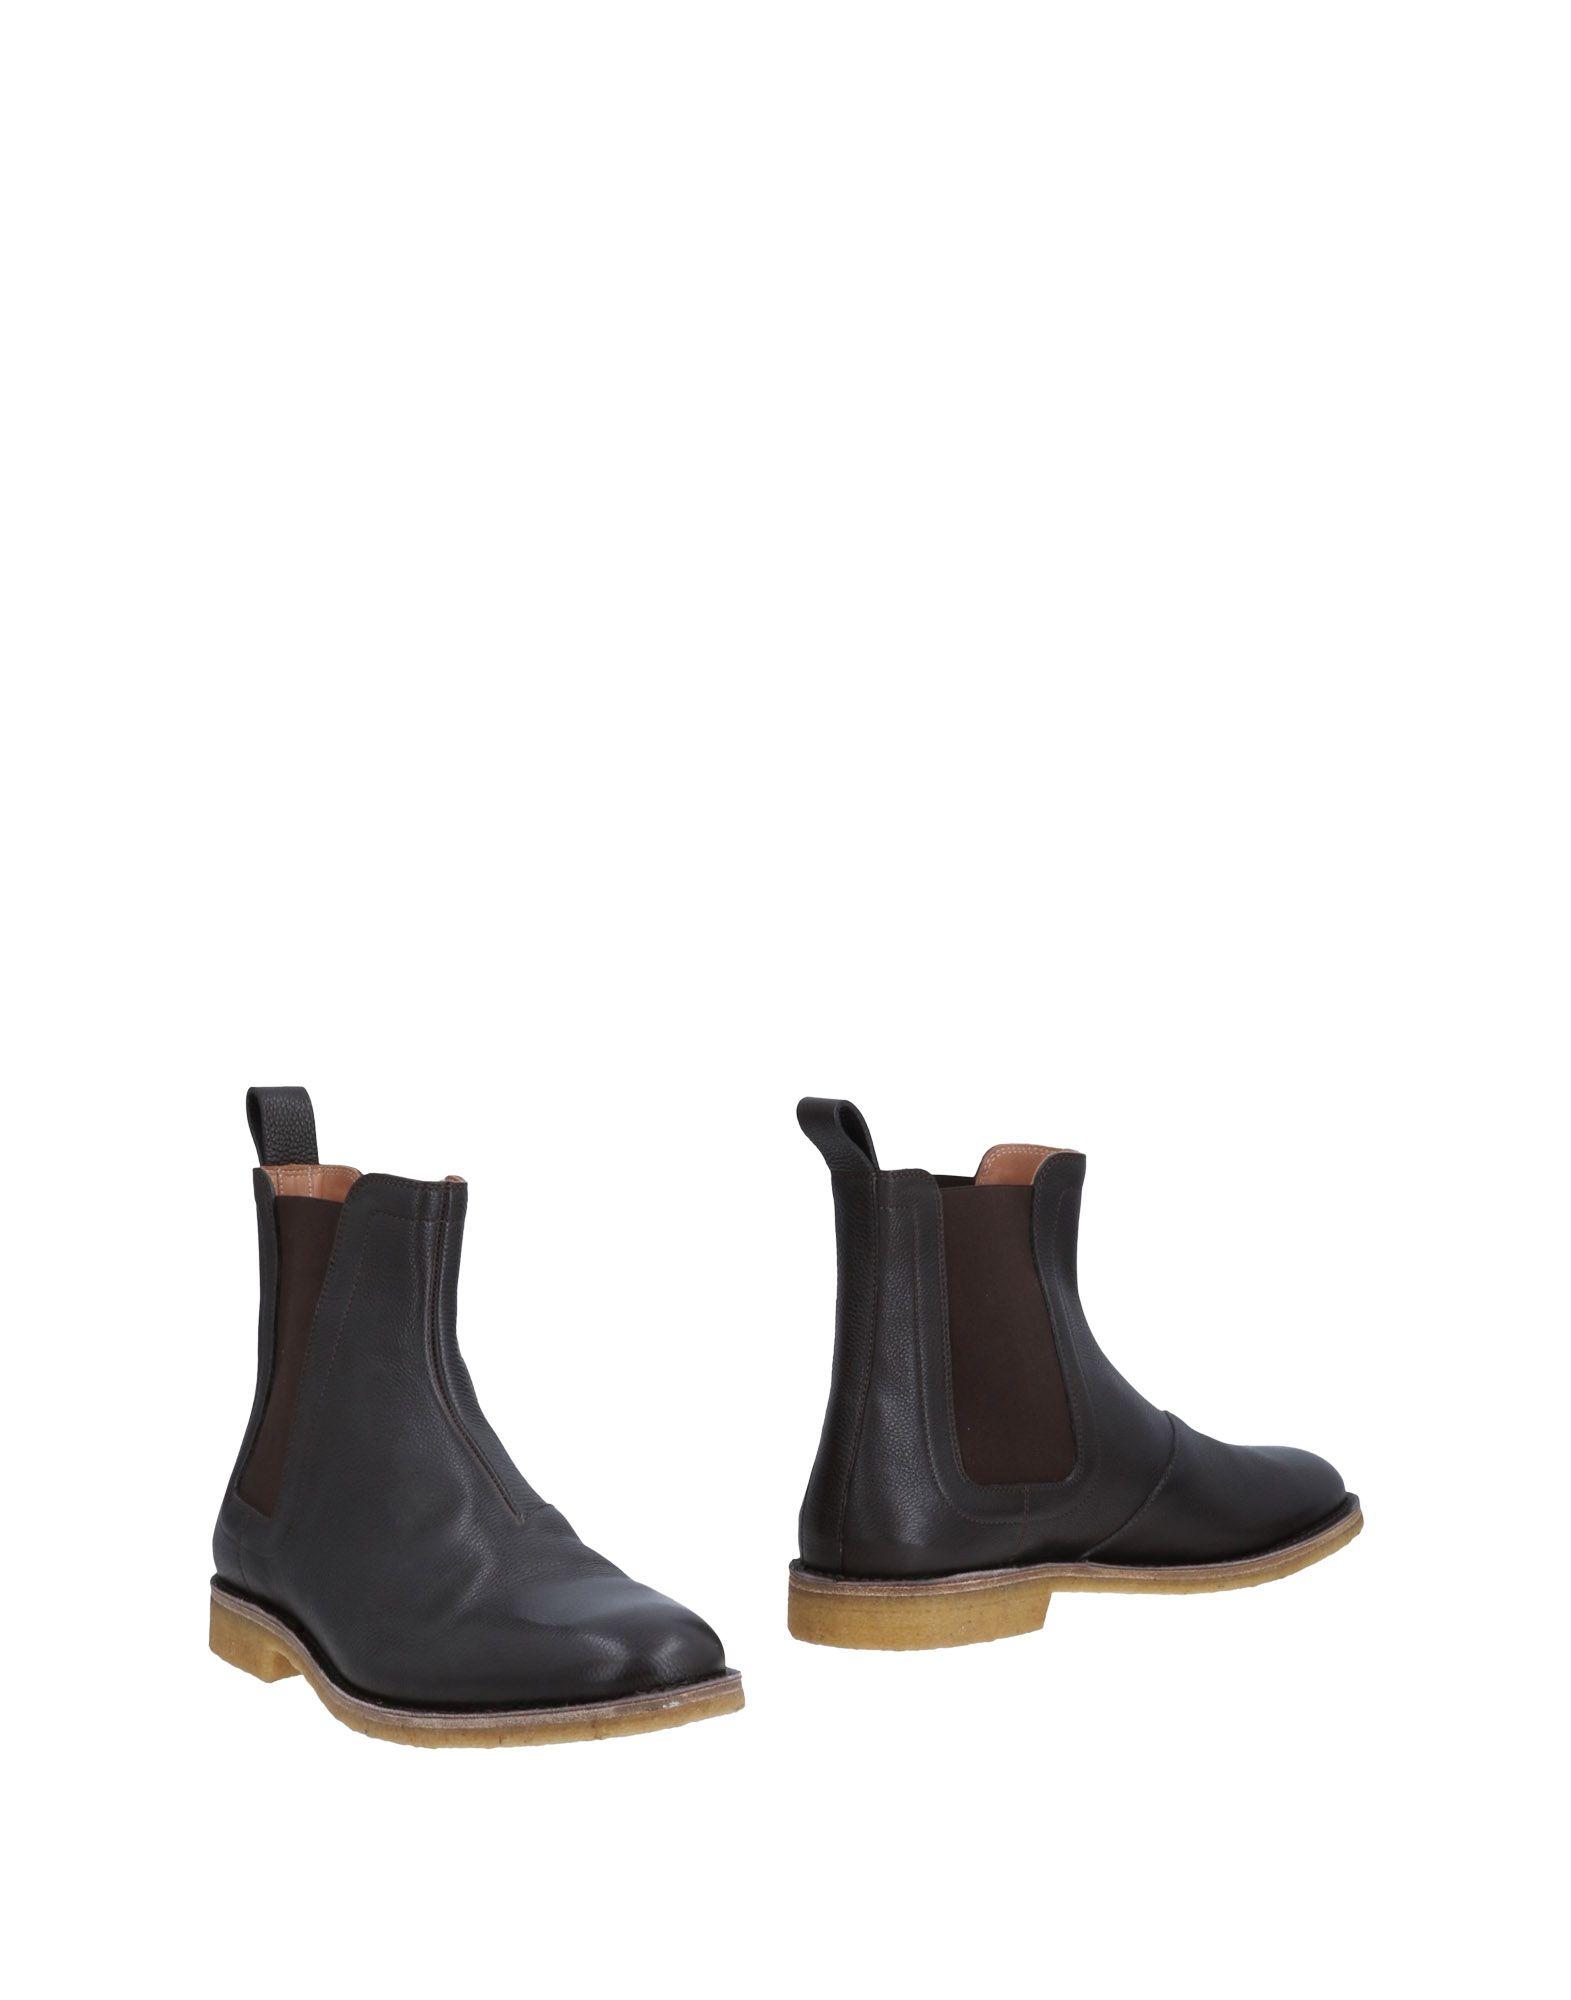 Bottega Veneta Stiefelette Herren  11489918EQ Gute Qualität beliebte Schuhe